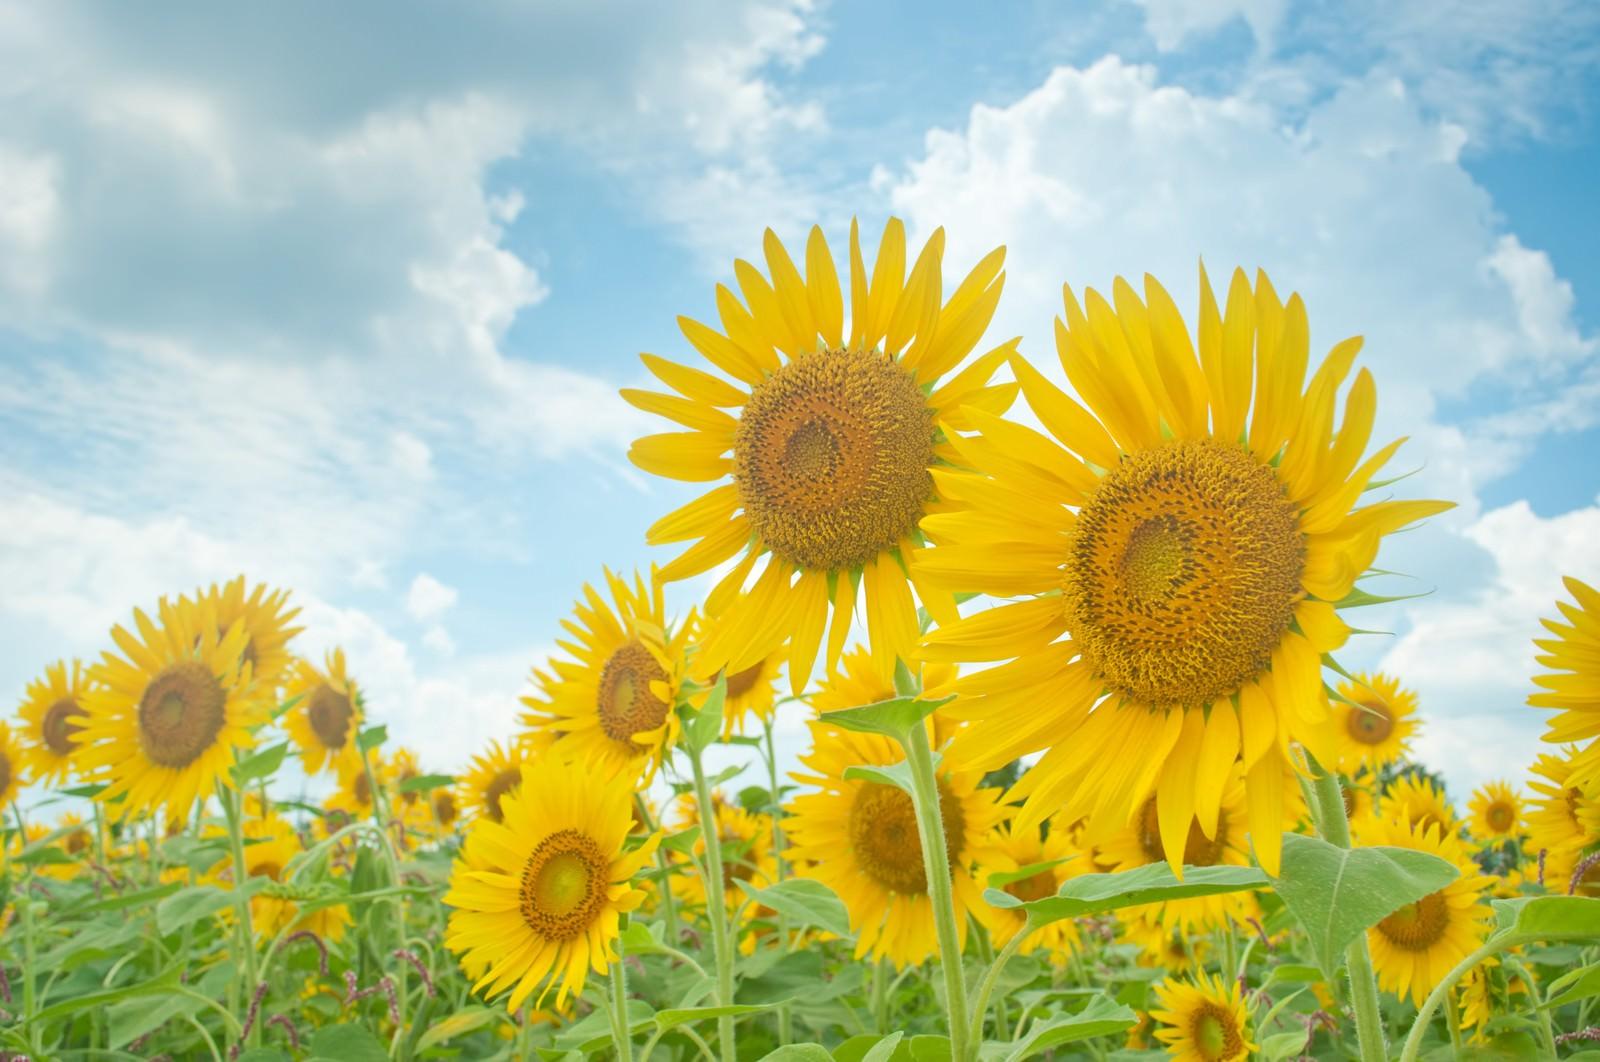 「夏 フリー素材」の画像検索結果